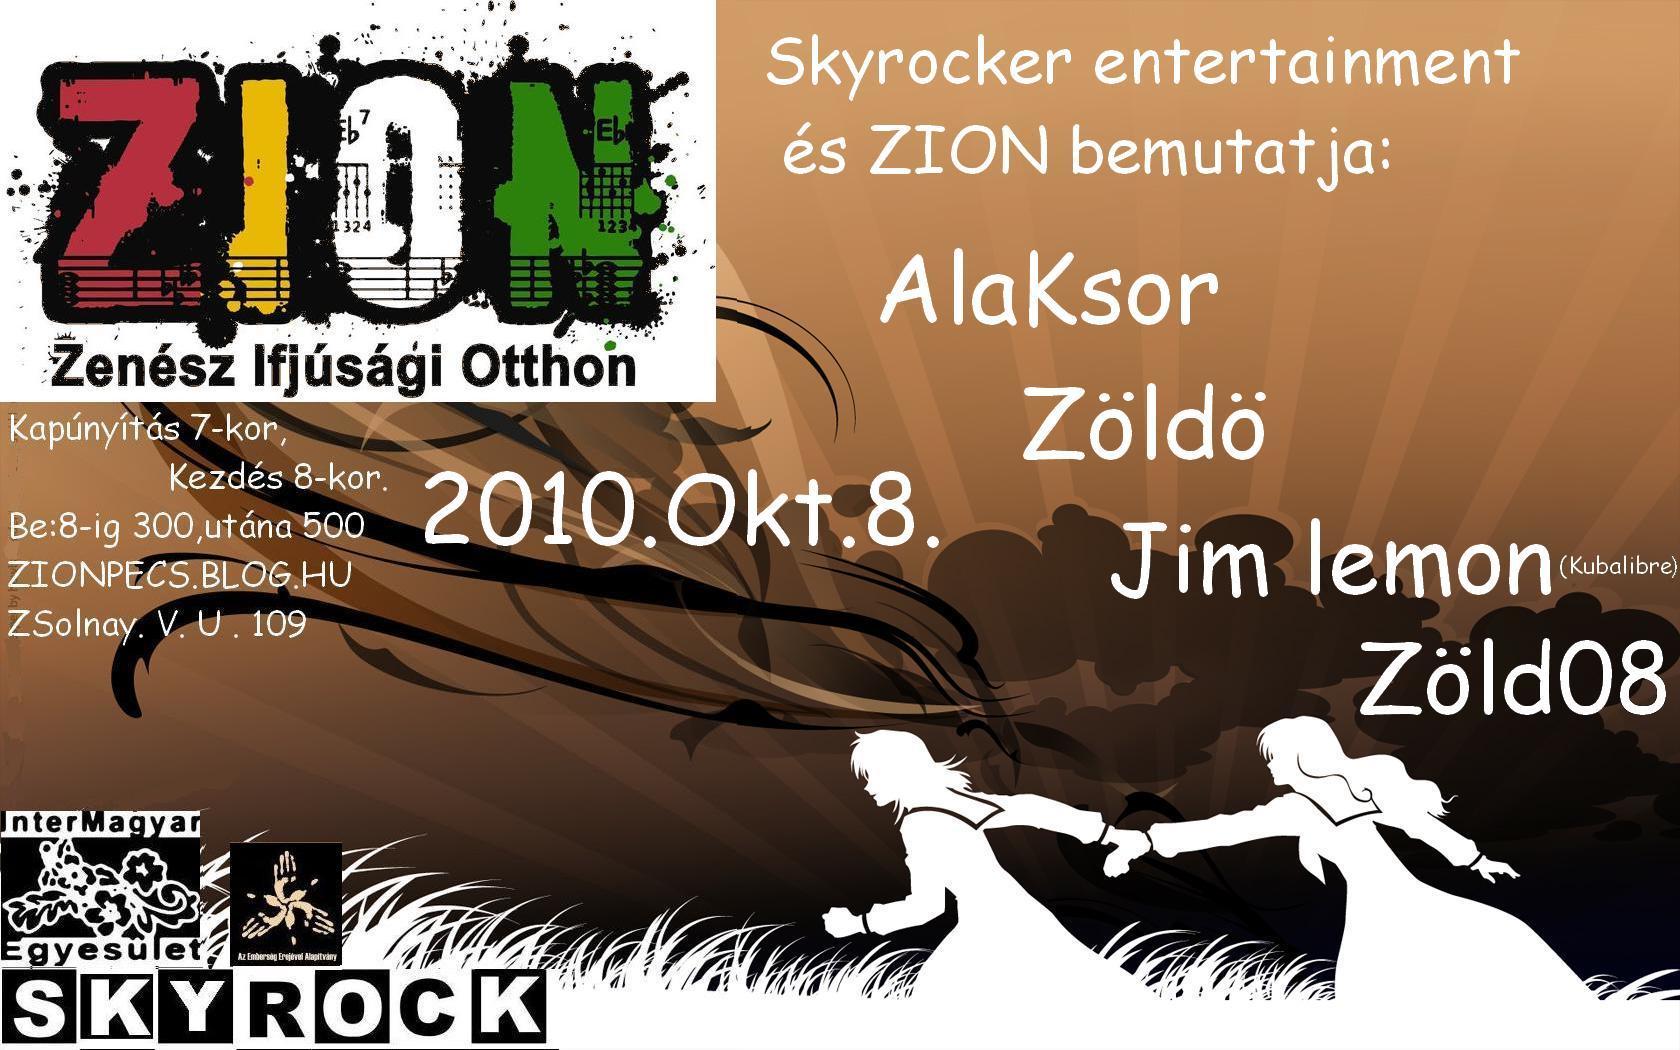 Skyrocker fesztivál